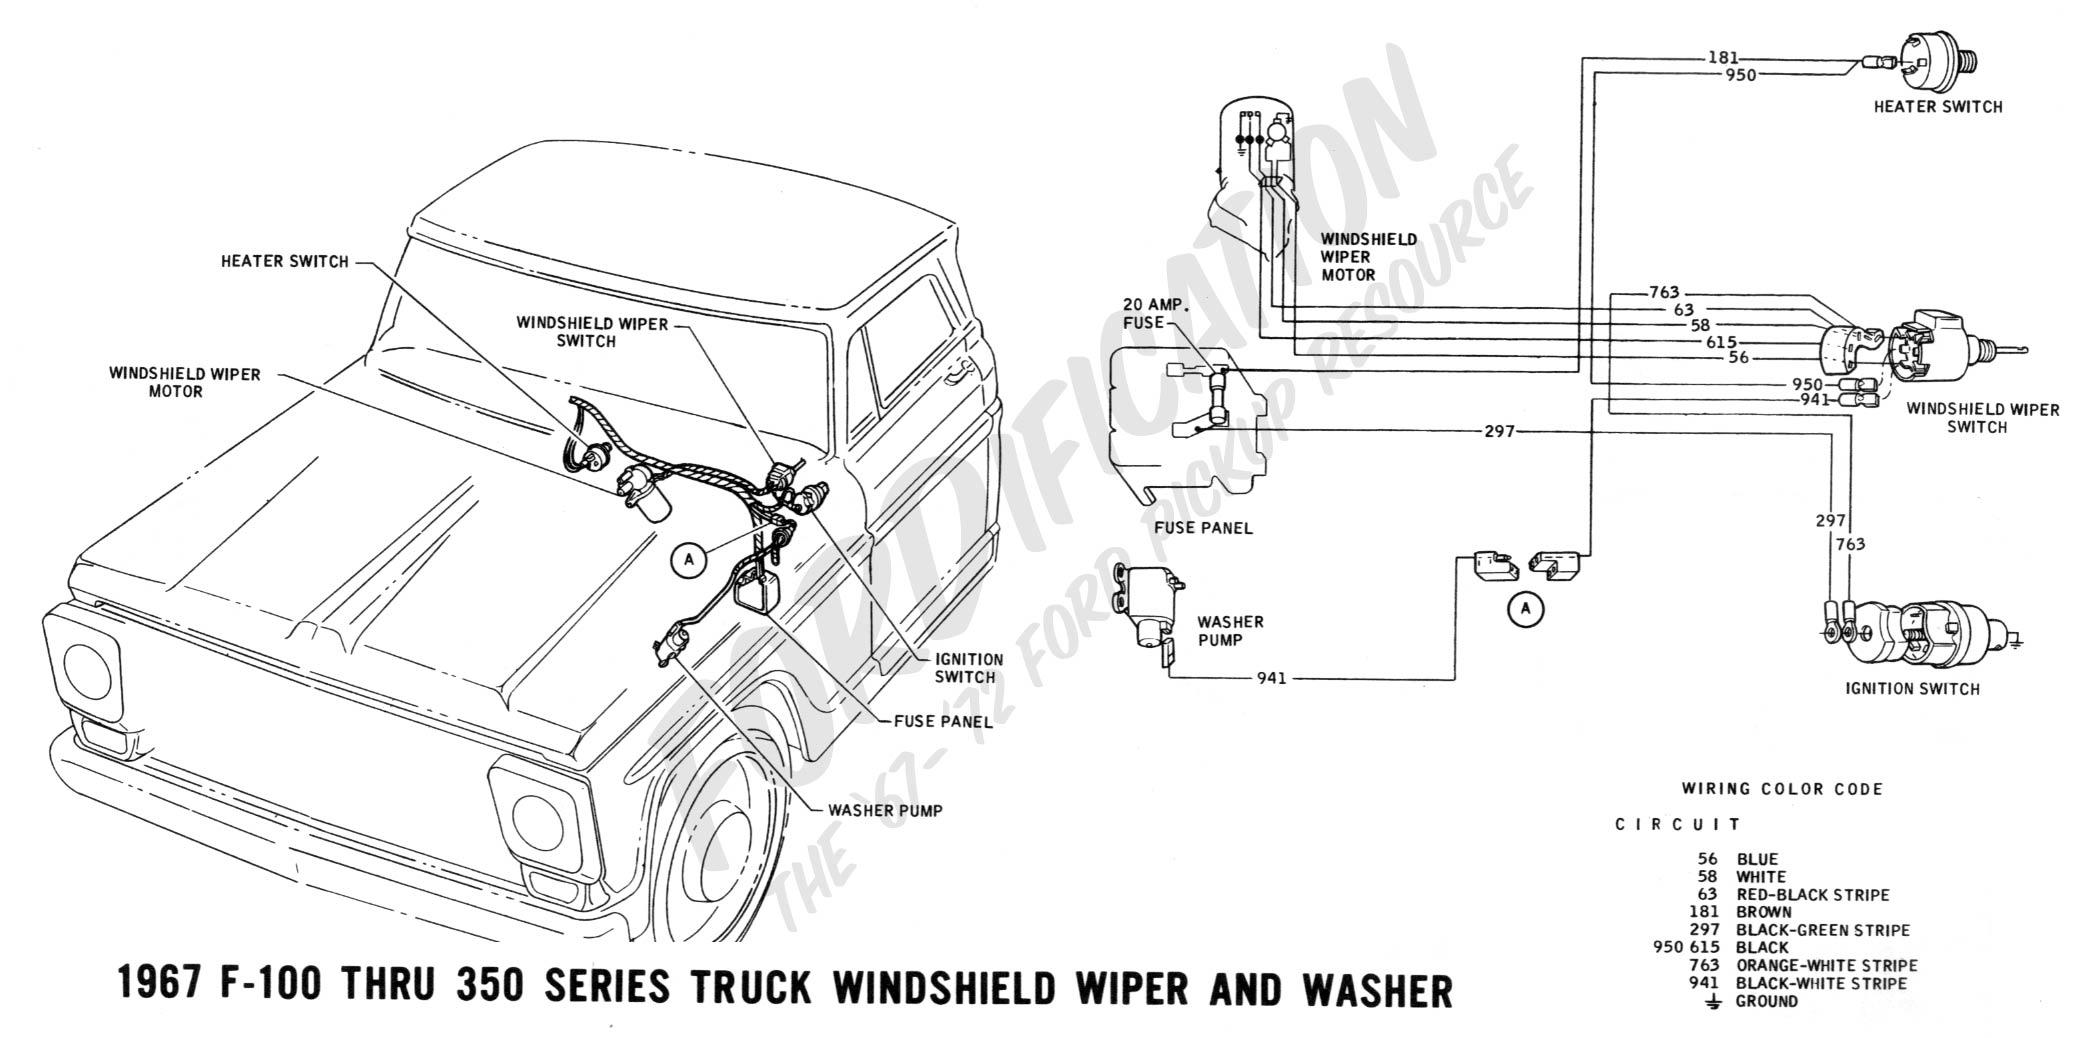 Vr John Deere Wiper Motor Wiring Diagram Schematic